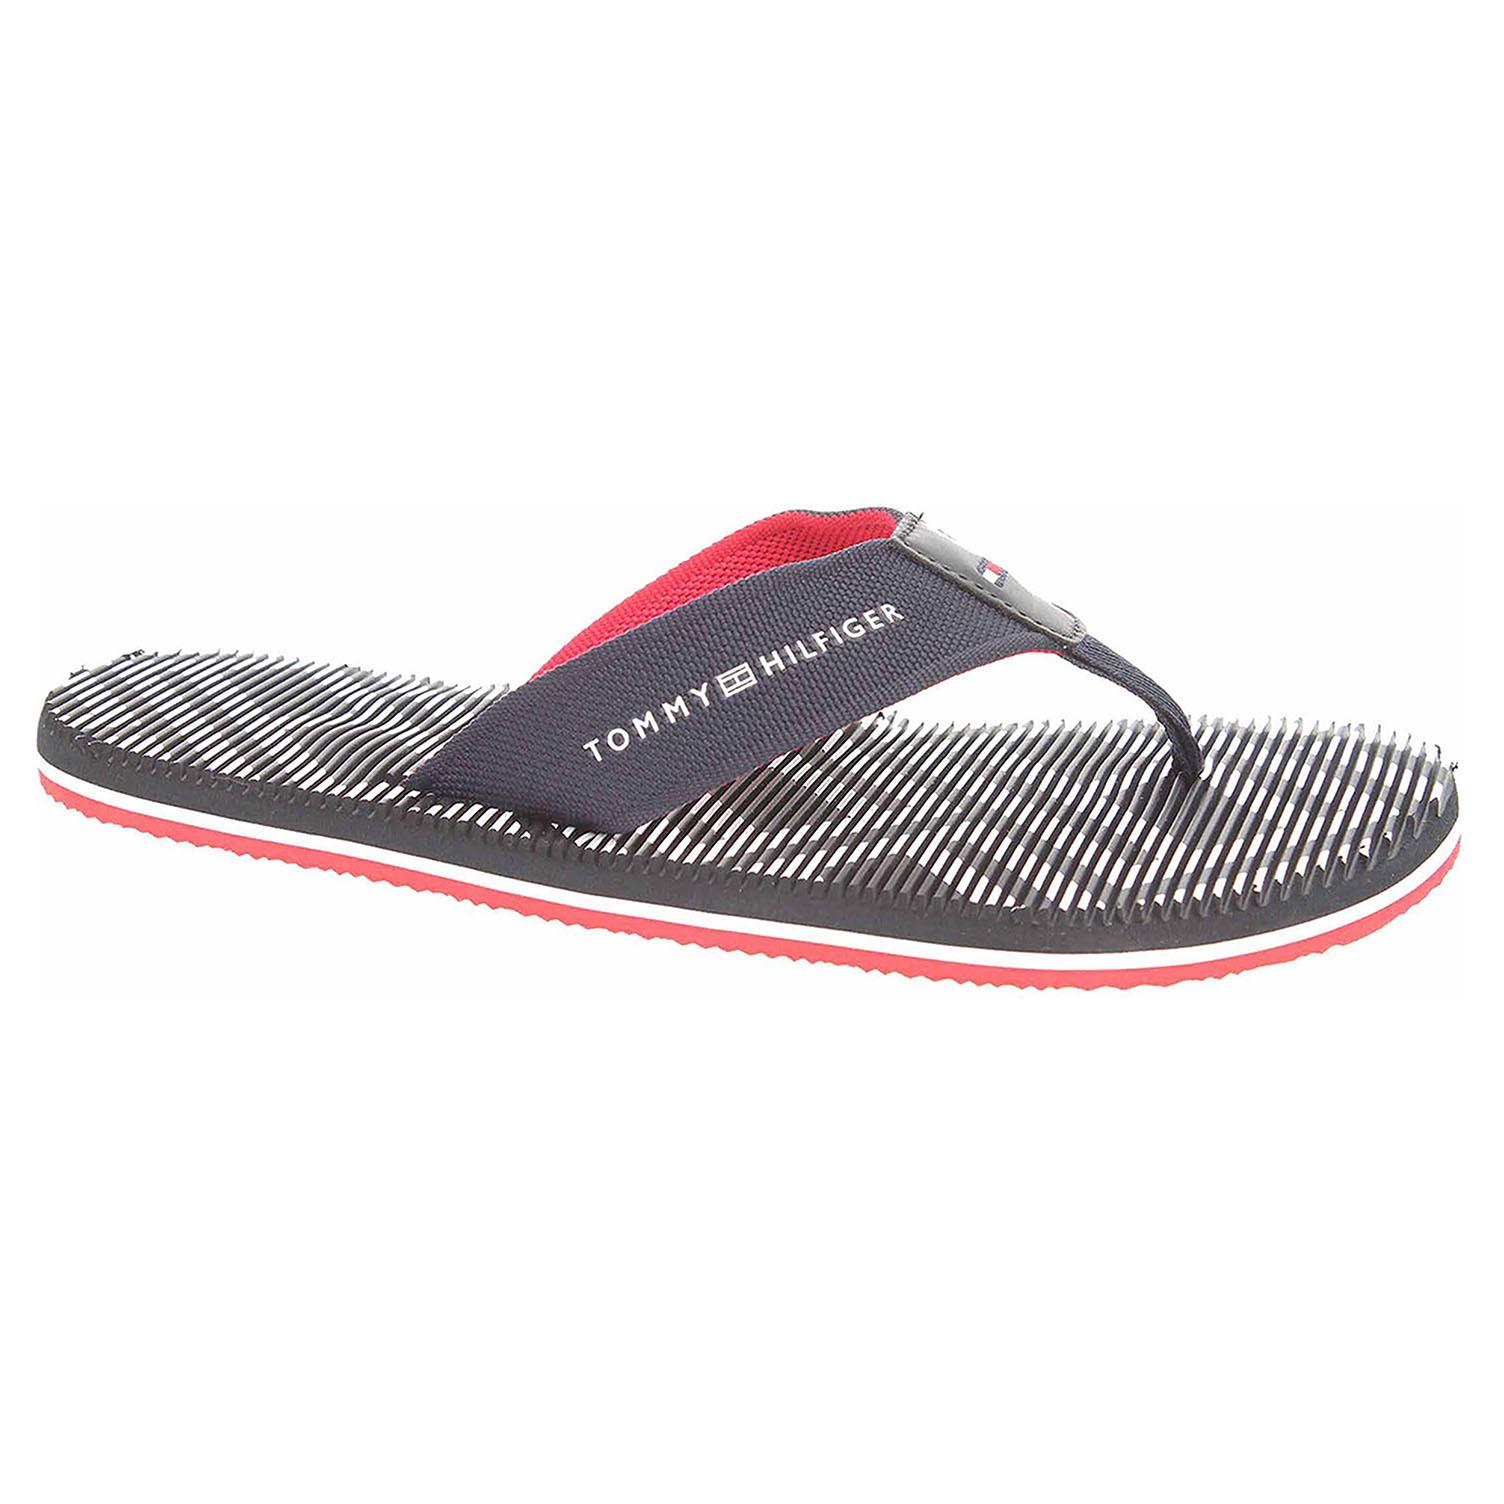 Ecco Pánské plážové pantofle Tommy Hilfiger FM0FM01366 midnight 24500170